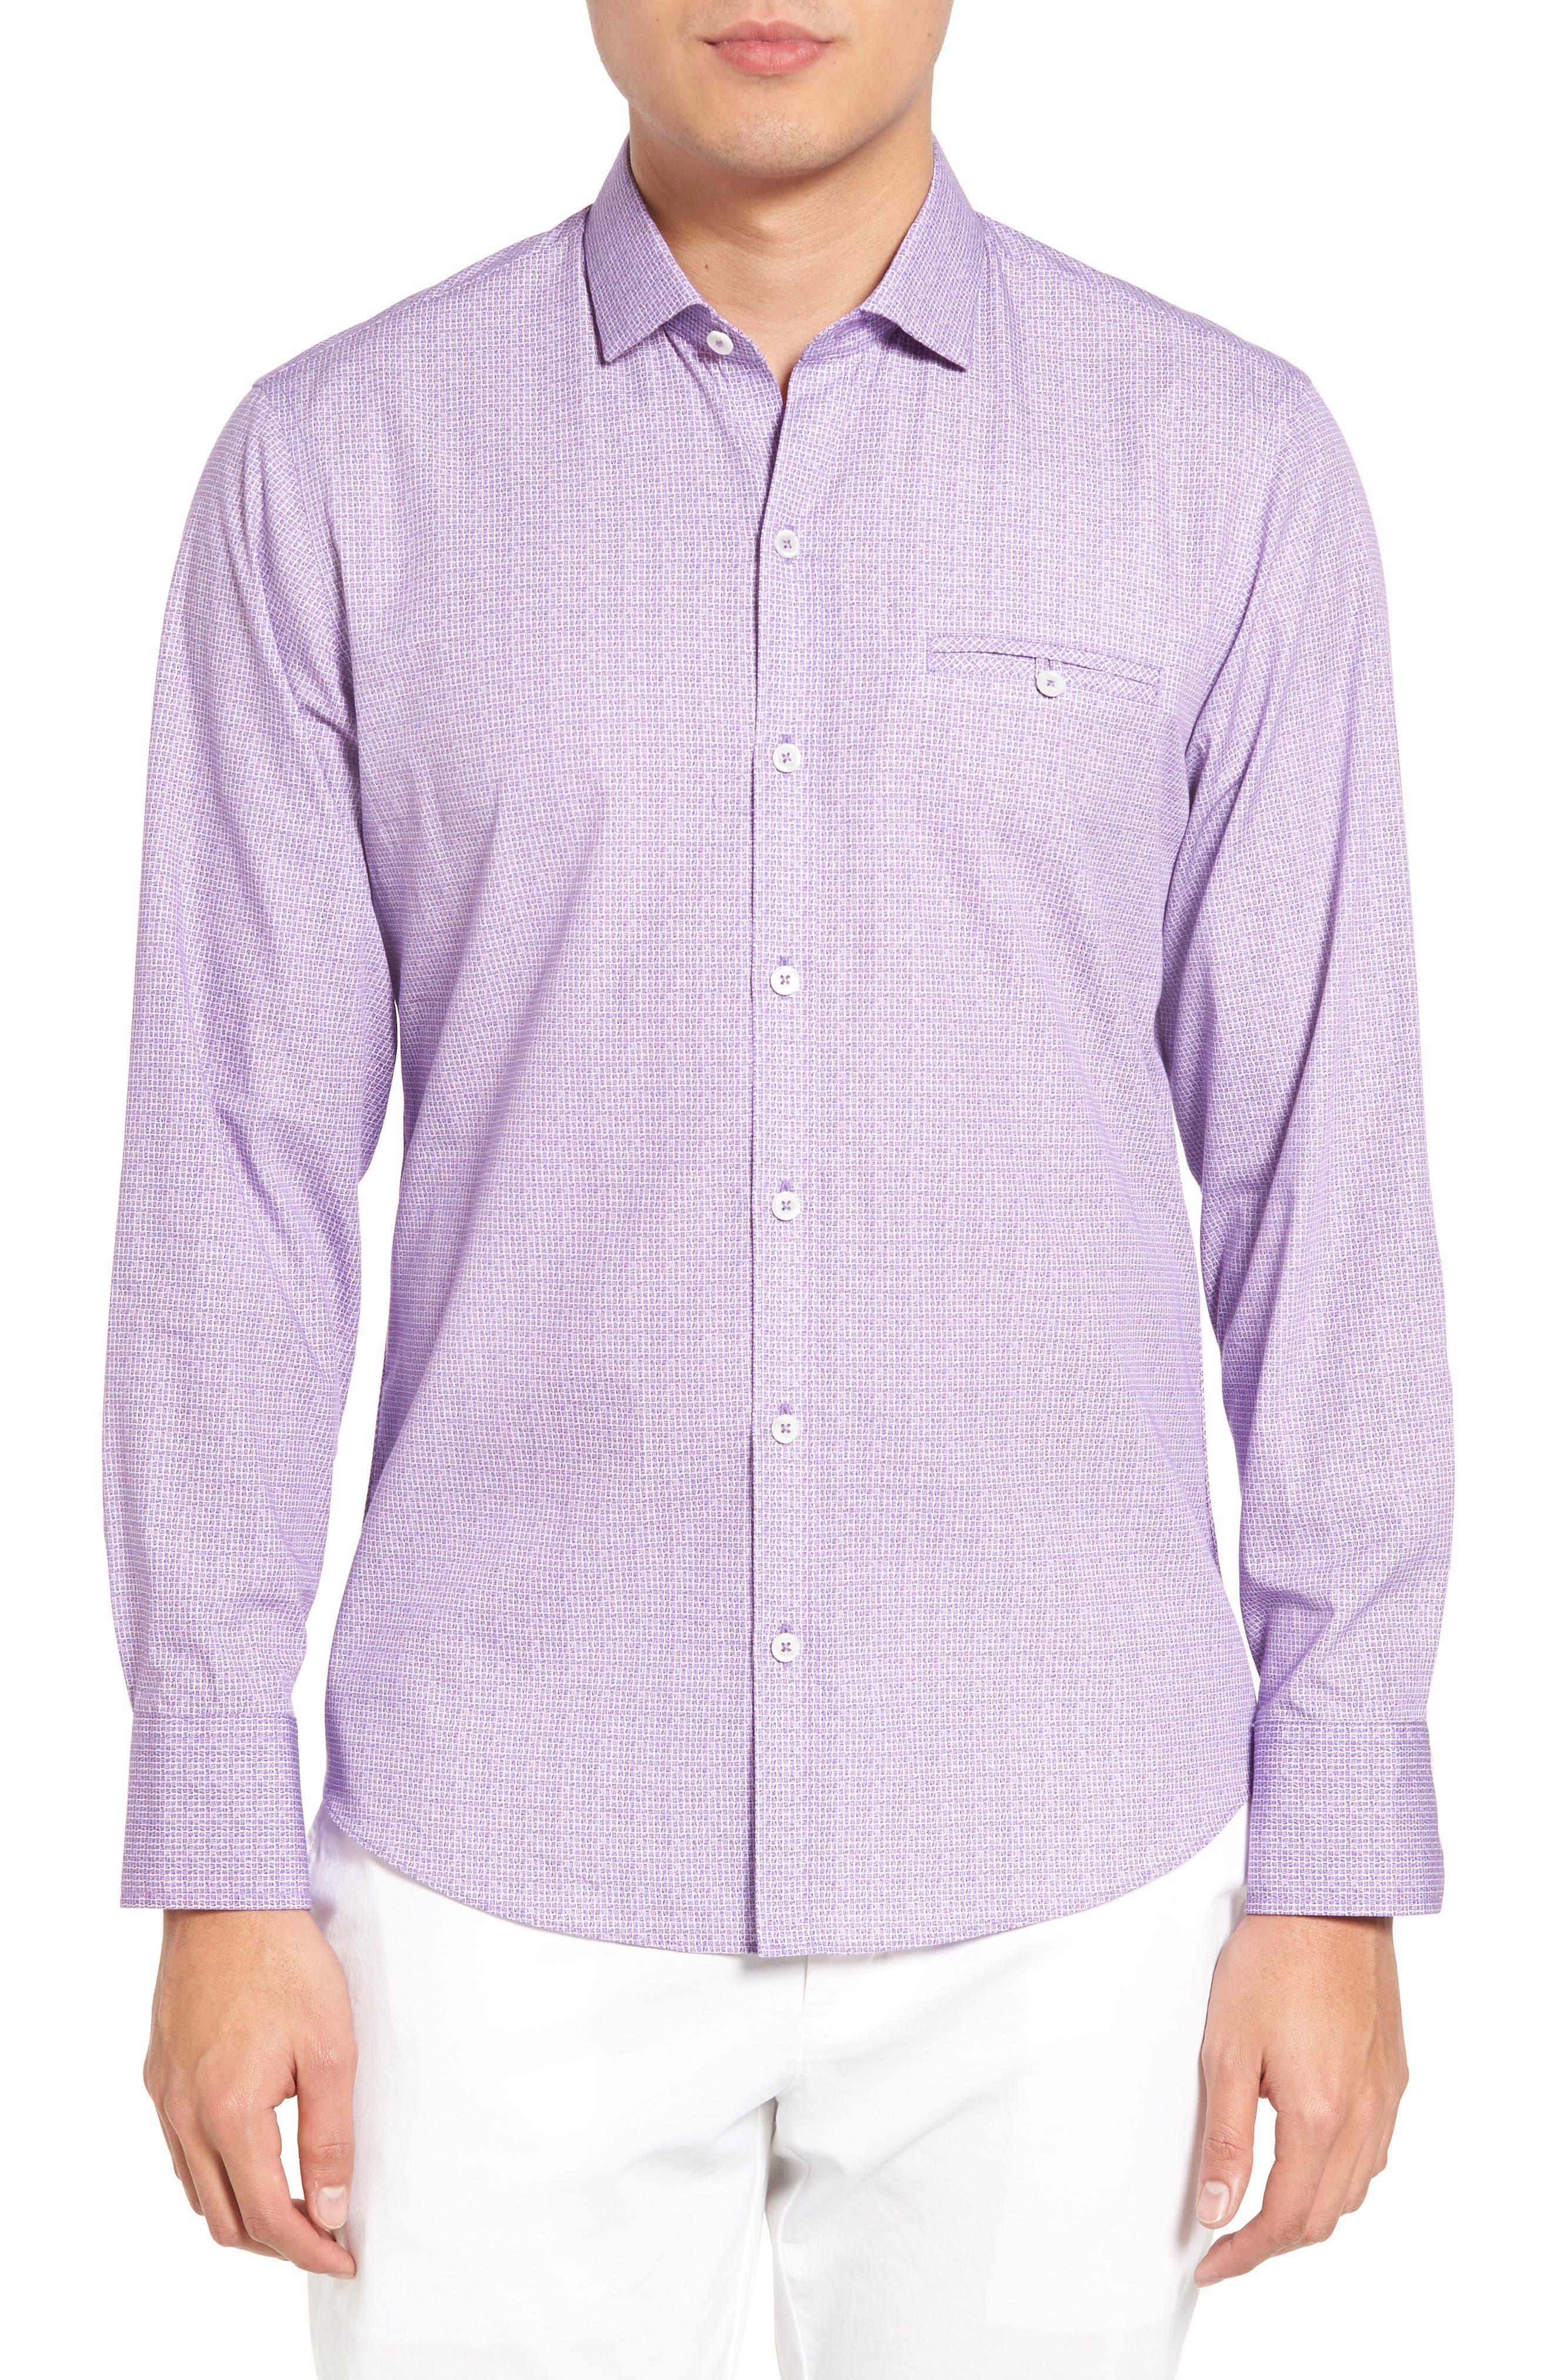 McDesmond Trim Fit Print Sport Shirt,                         Main,                         color, Light Purple